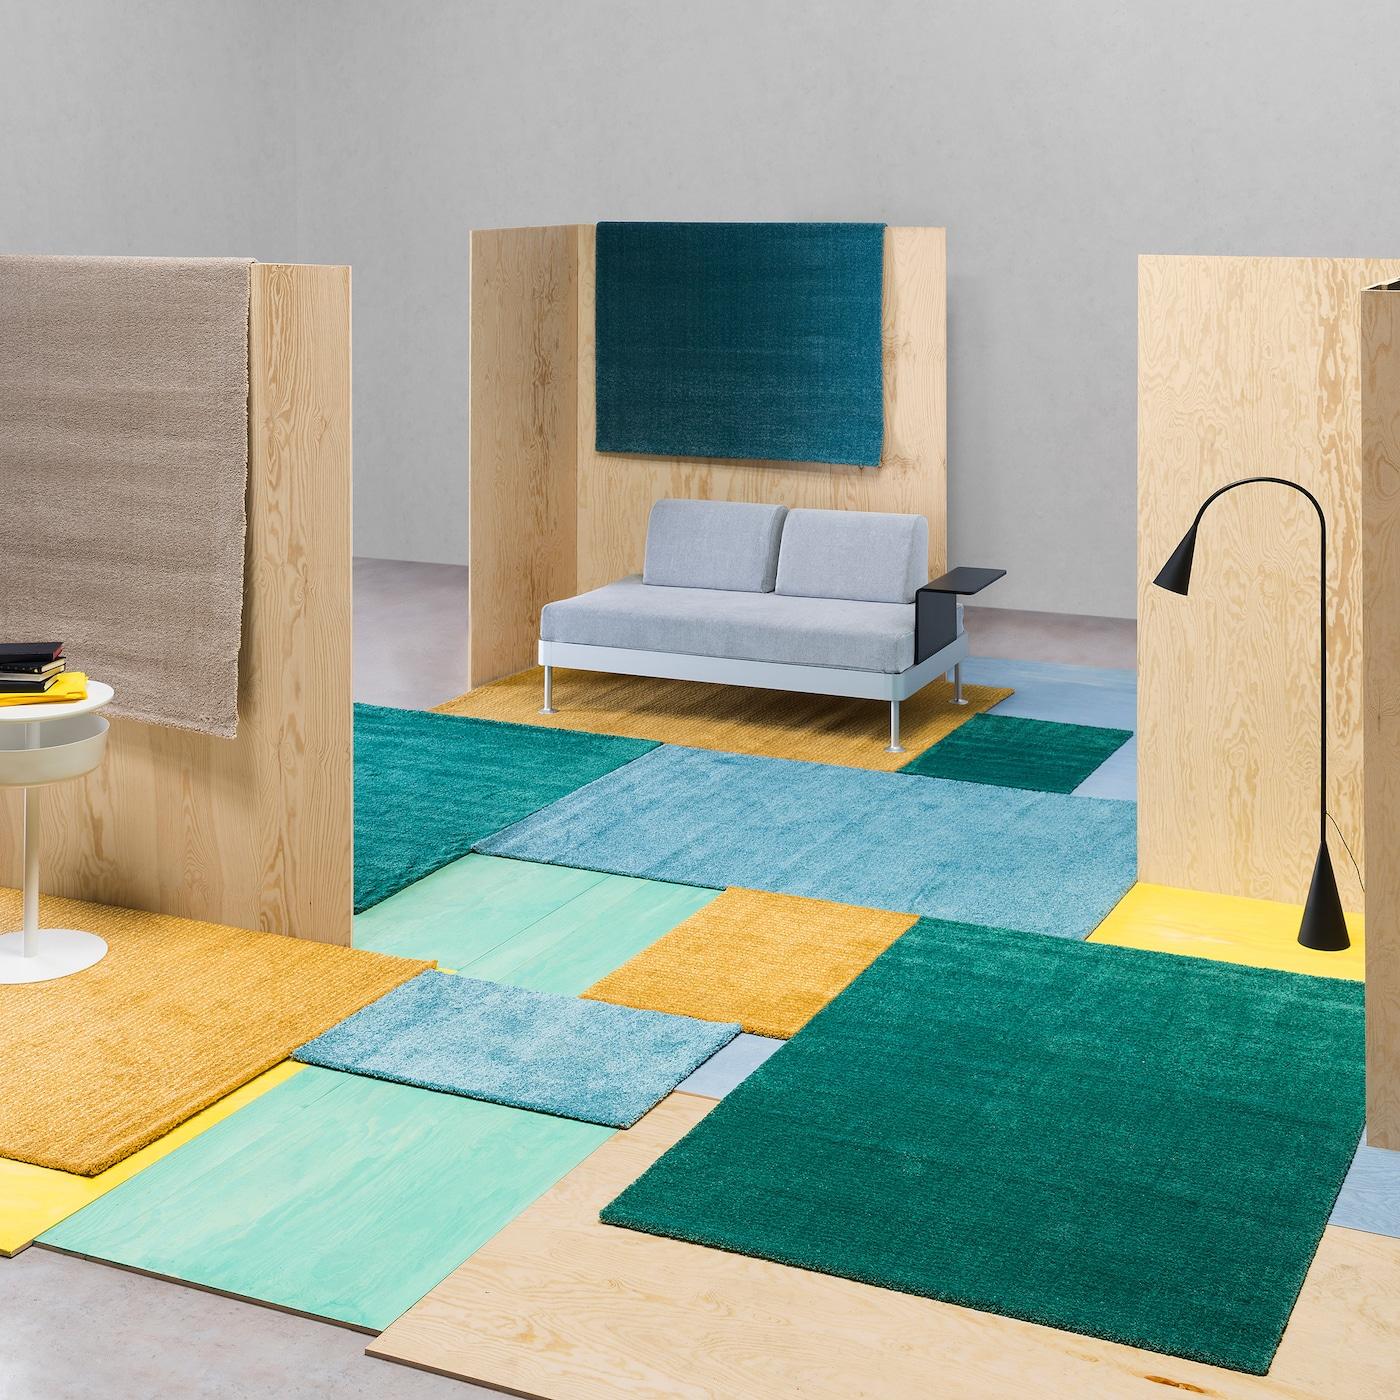 Luo oma värikäs tilkkutäkkimattosi matalanukkaisista IKEA LANGSTED matoista. Leikattujen reunojen ansiosta mattoja voi helposti yhdistää toisiinsa ja luoda isomman, saumattoman maton.